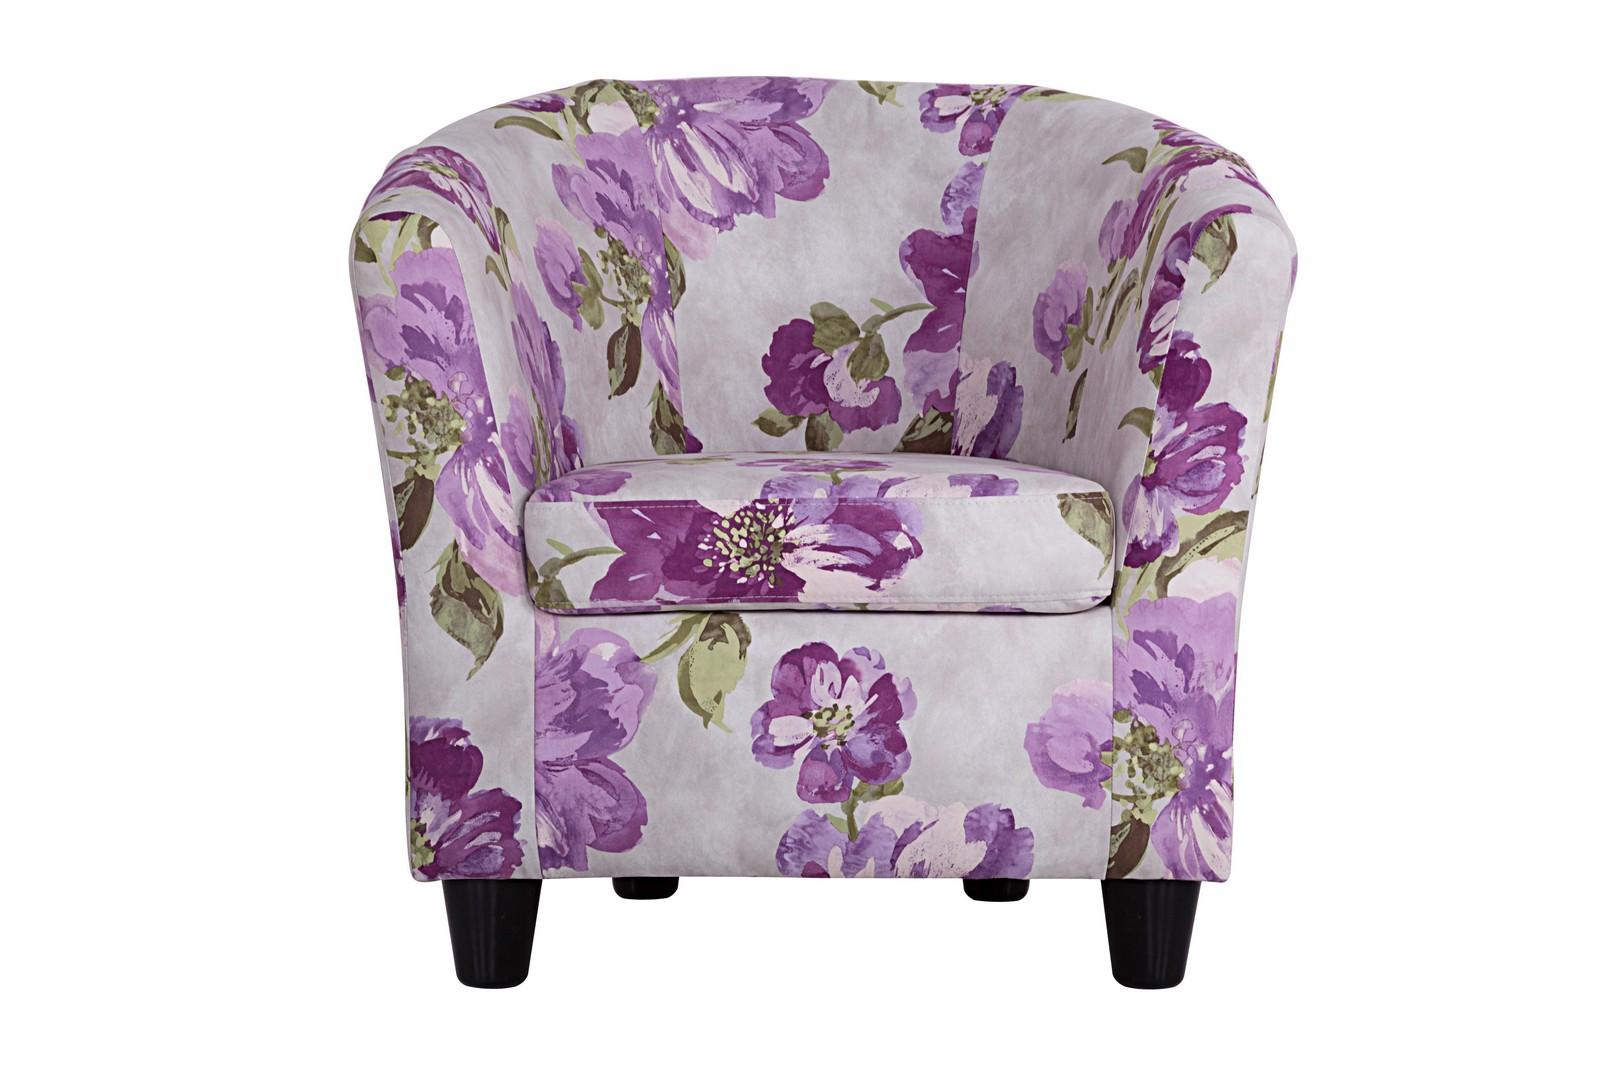 Кресло СитиИнтерьерные кресла<br>&amp;lt;span style=&amp;quot;font-size: 14px;&amp;quot;&amp;gt;Это кресло для городских квартир, где ценят возможность отдохнуть от суеты. Плавные формы, удобная посадка, обивка из кожи или терможаккарда на ваш выбор - все что нужно для идеального кресла. В нем можно по-настоящему расслабиться, ведь именно это необходимо жителю большого города!&amp;lt;/span&amp;gt;&amp;lt;br style=&amp;quot;font-size: 14px;&amp;quot;&amp;gt;&amp;lt;div style=&amp;quot;font-size: 14px;&amp;quot;&amp;gt;&amp;lt;br&amp;gt;&amp;lt;/div&amp;gt;&amp;lt;div style=&amp;quot;font-size: 14px;&amp;quot;&amp;gt;&amp;lt;span style=&amp;quot;font-size: 14px;&amp;quot;&amp;gt;Материал обивки: терможаккард.&amp;lt;/span&amp;gt;&amp;lt;/div&amp;gt;<br><br>Material: Текстиль<br>Width см: 81<br>Depth см: 70<br>Height см: 80